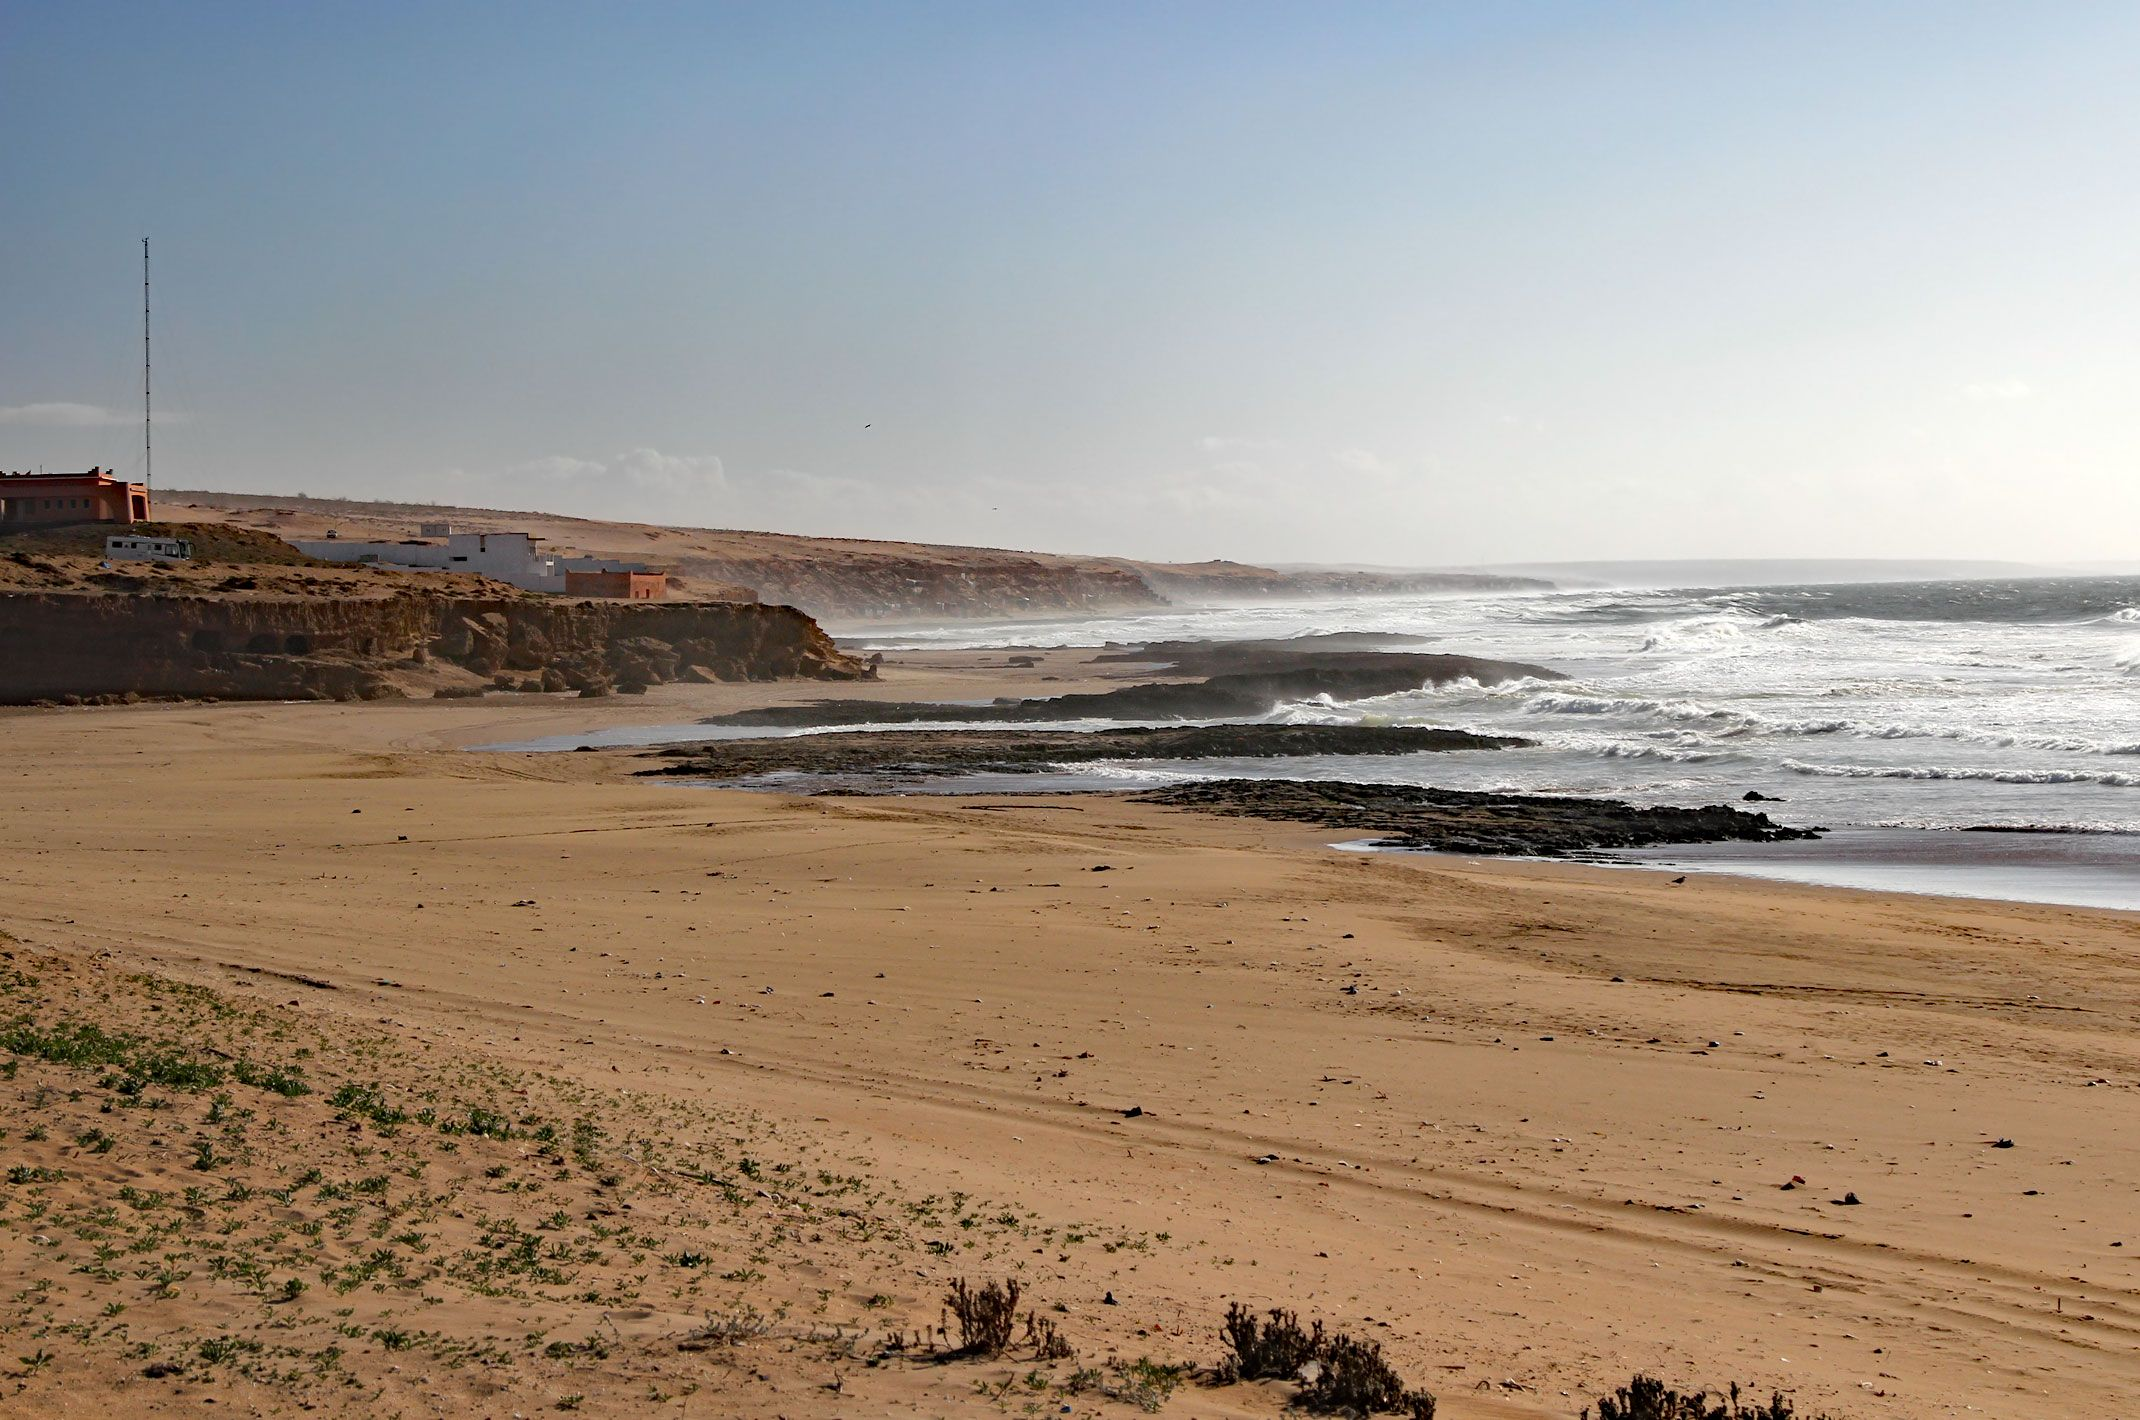 Tifnit Beach